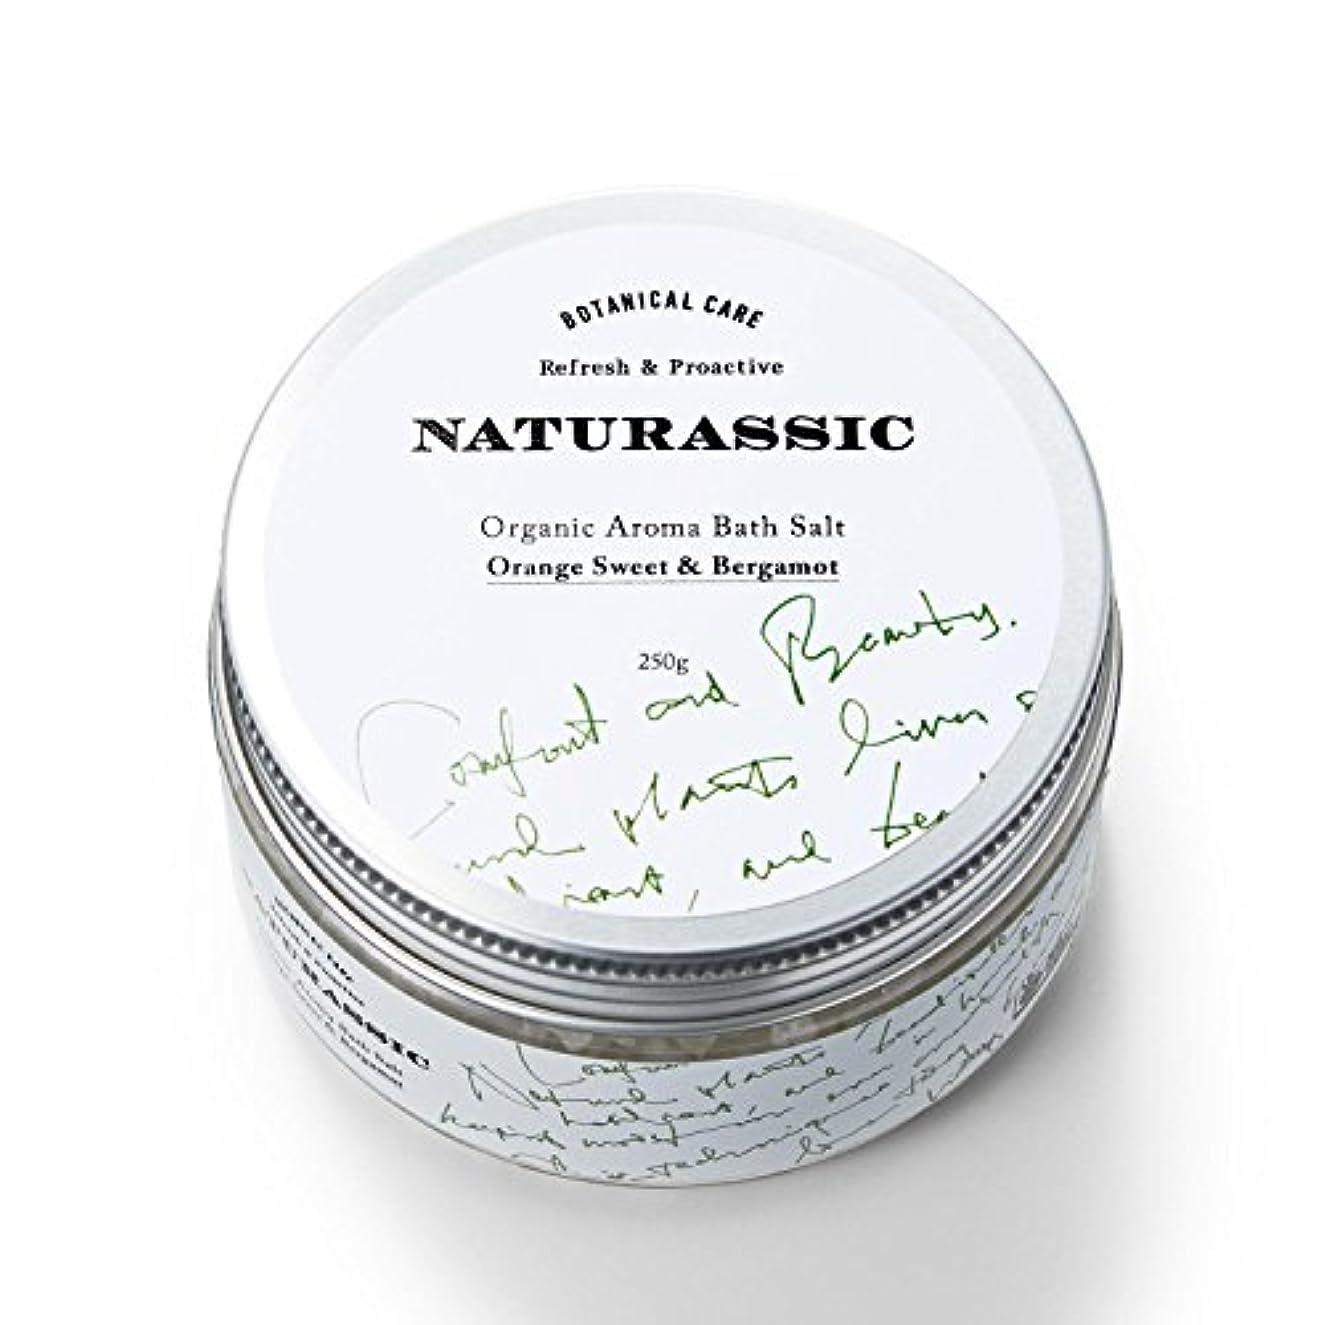 神秘的な便益実行可能ナチュラシック [ACO認定] オーガニックアロマバスソルトOB オレンジスイート&ベルガモットの香り 250g [オーガニック原料100%]